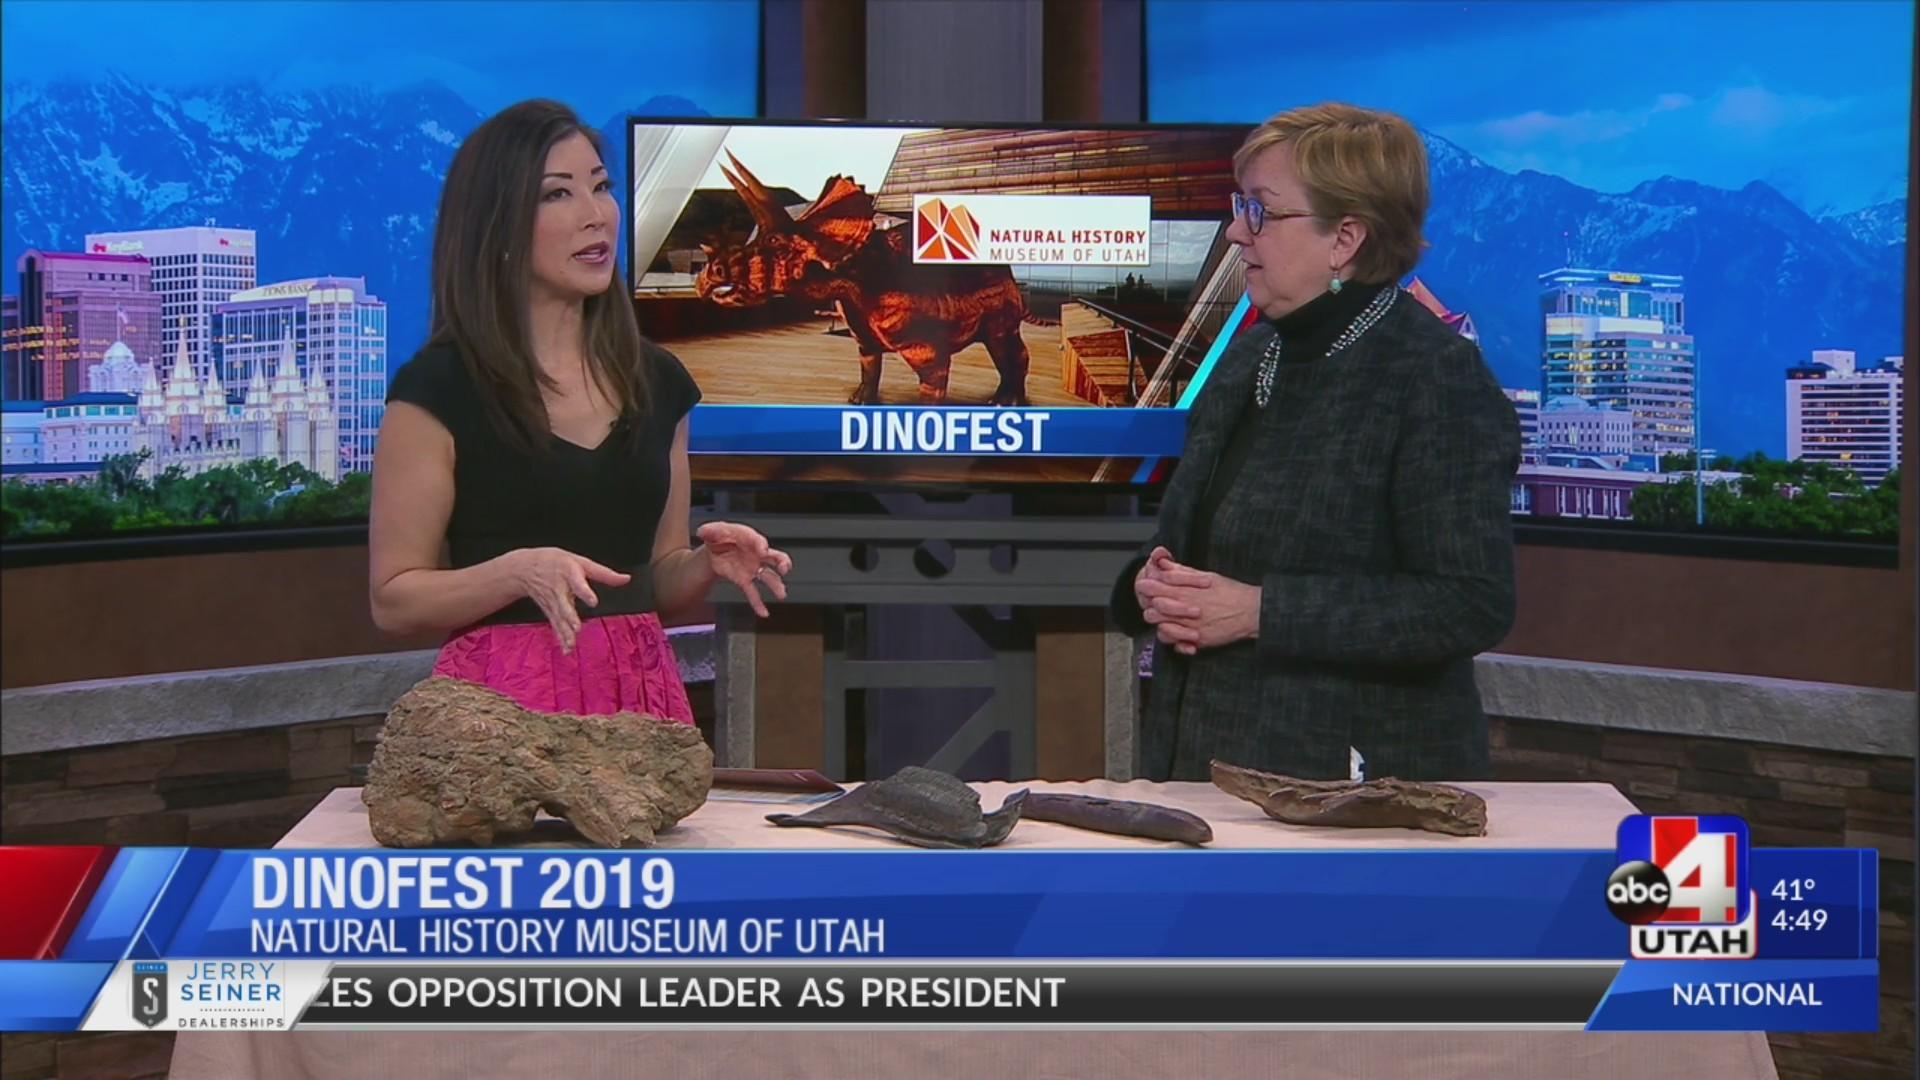 Utah's DinoFest 2019 kicks off this weekend